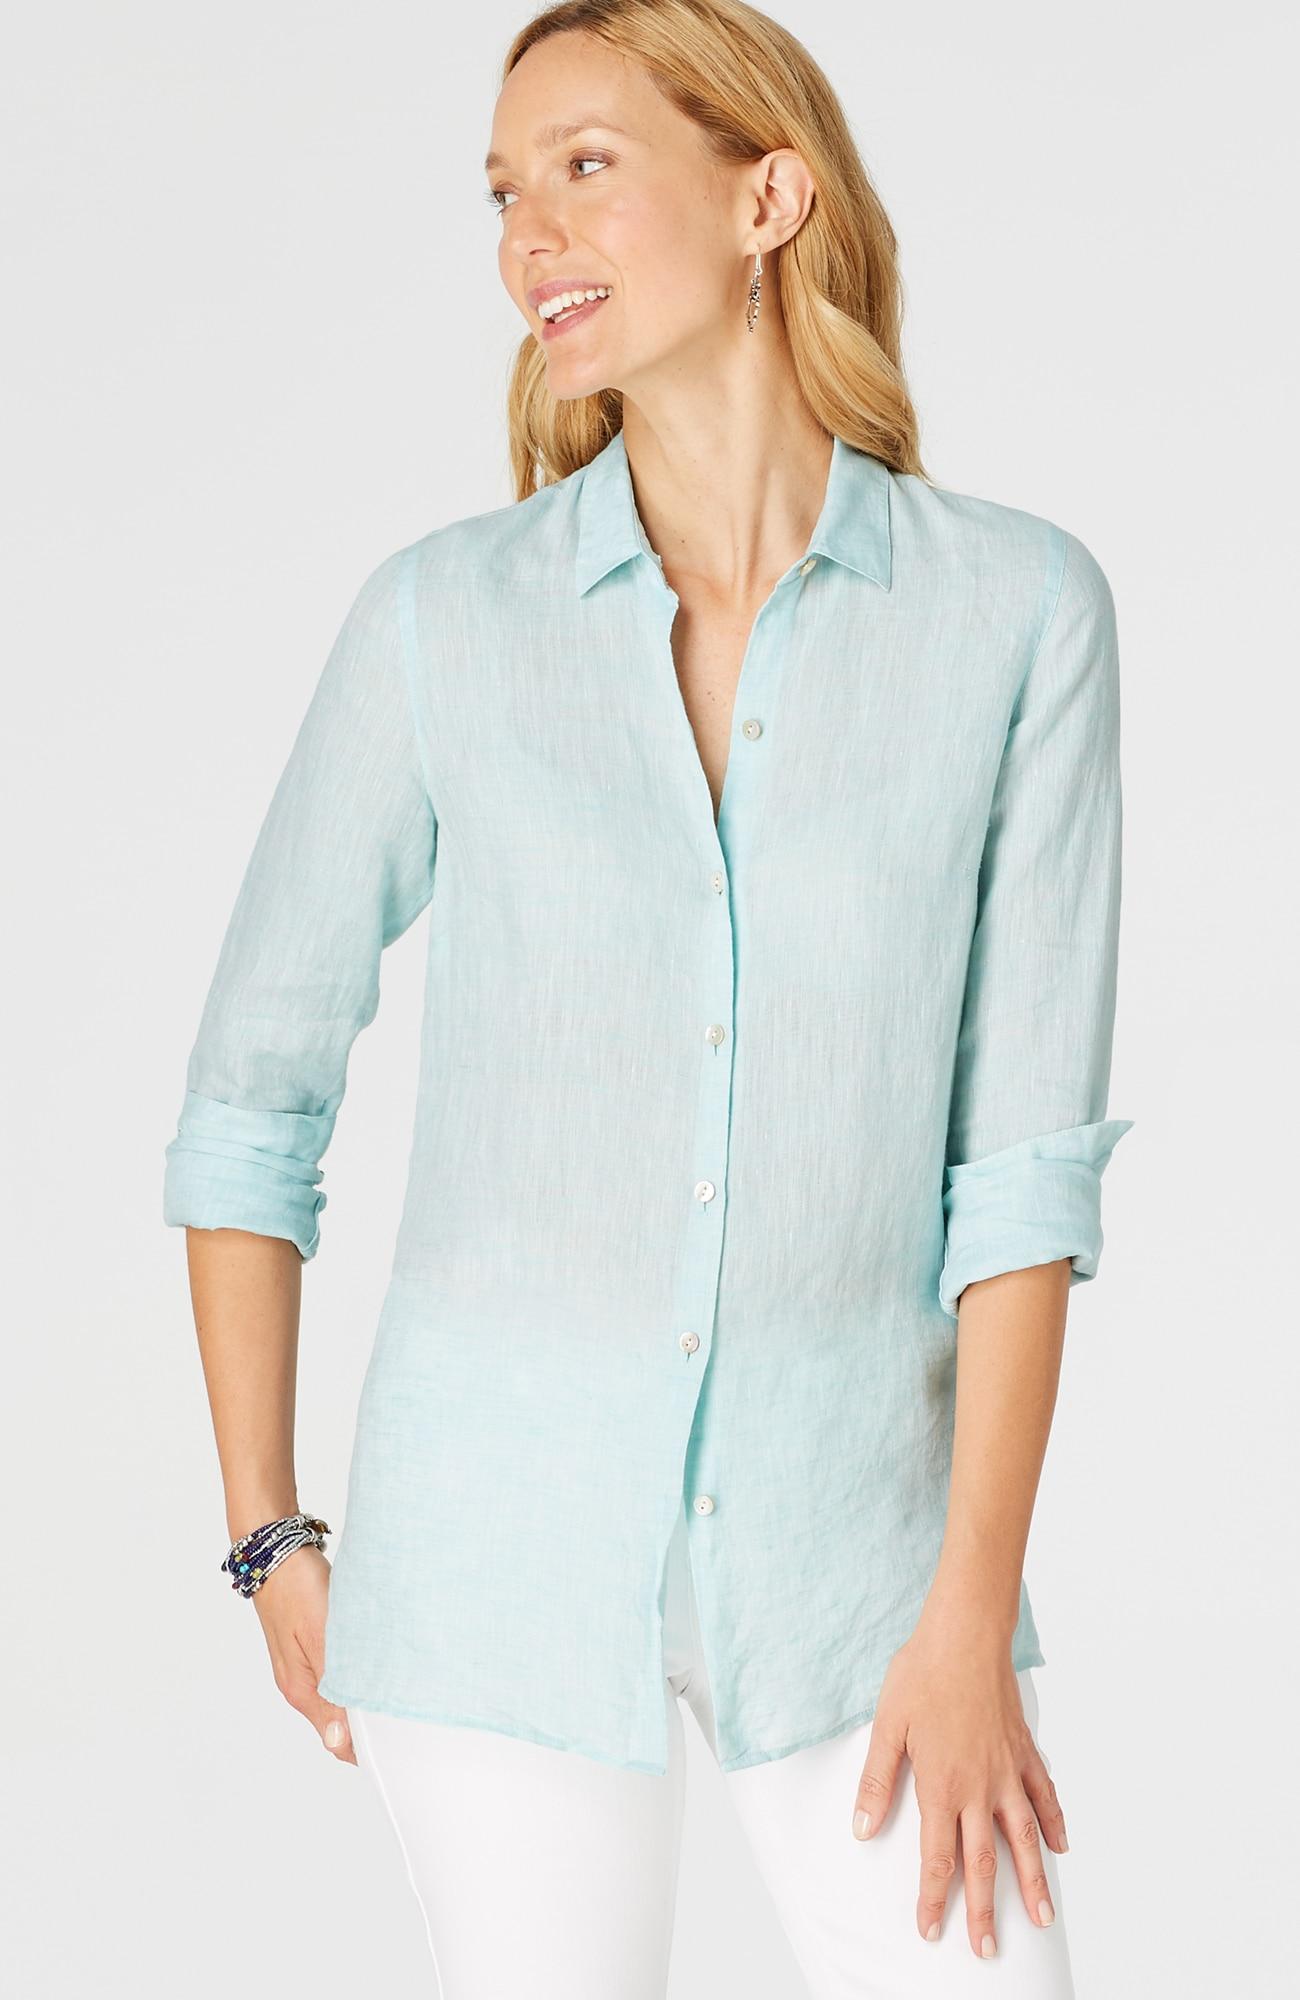 essential linen shirt